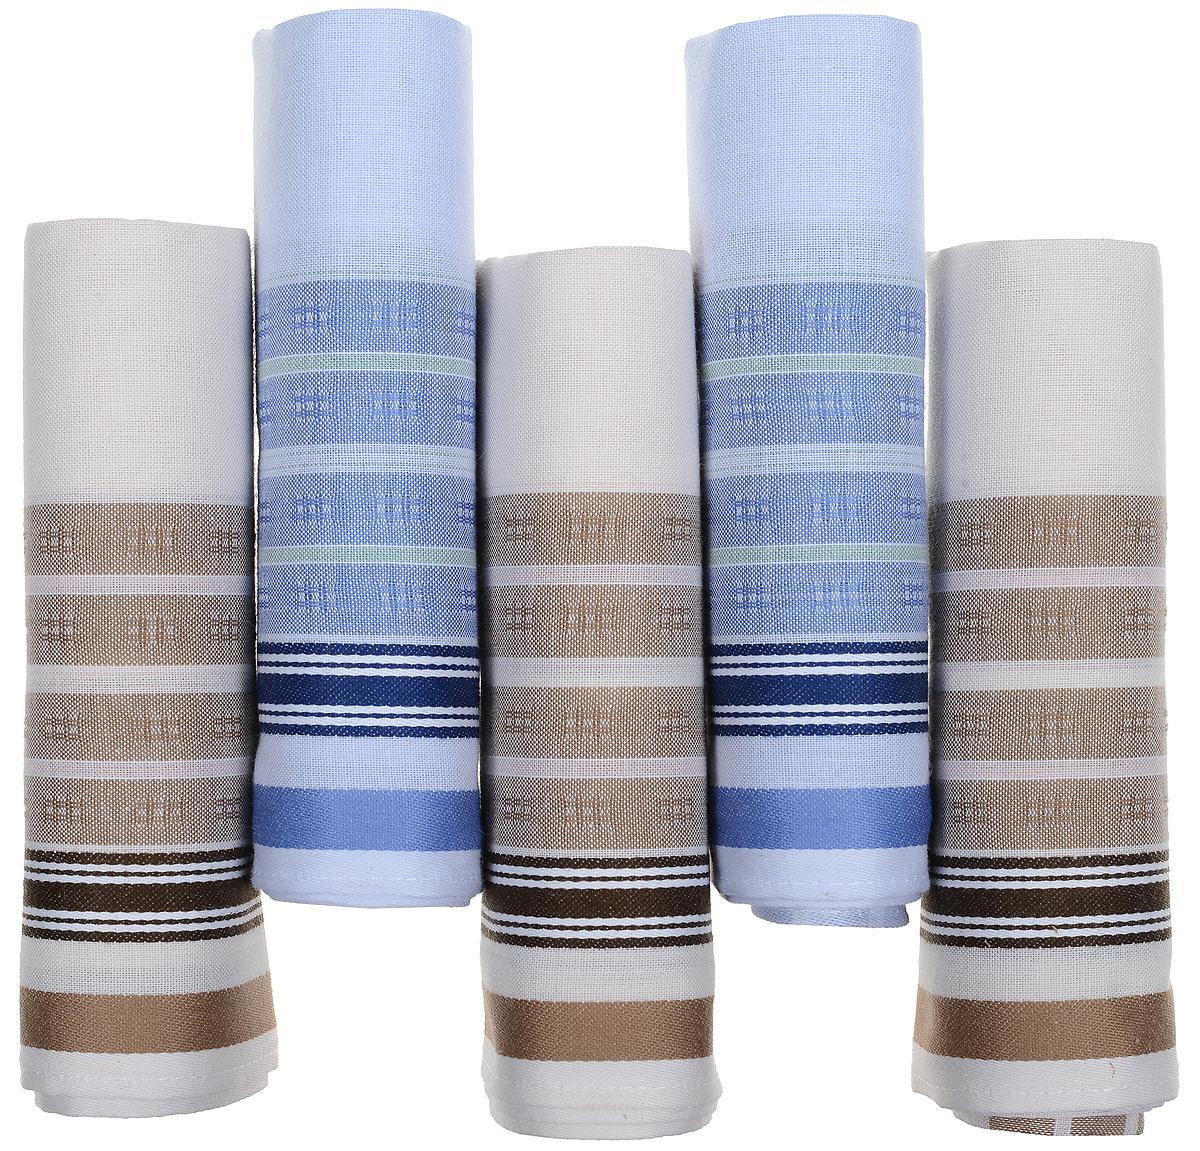 Платок носовой мужской Zlata Korunka, цвет: белый, коричневый, голубой, 5 шт. 90512-5. Размер 29 см х 29 см90512-5Оригинальный мужской носовой платок Zlata Korunka изготовлен из высококачественного натурального хлопка, благодаря чему приятен в использовании, хорошо стирается, не садится и отлично впитывает влагу. Практичный и изящный носовой платок будет незаменим в повседневной жизни любого современного человека. Такой платок послужит стильным аксессуаром и подчеркнет ваше превосходное чувство вкуса. В комплекте 5 платков.